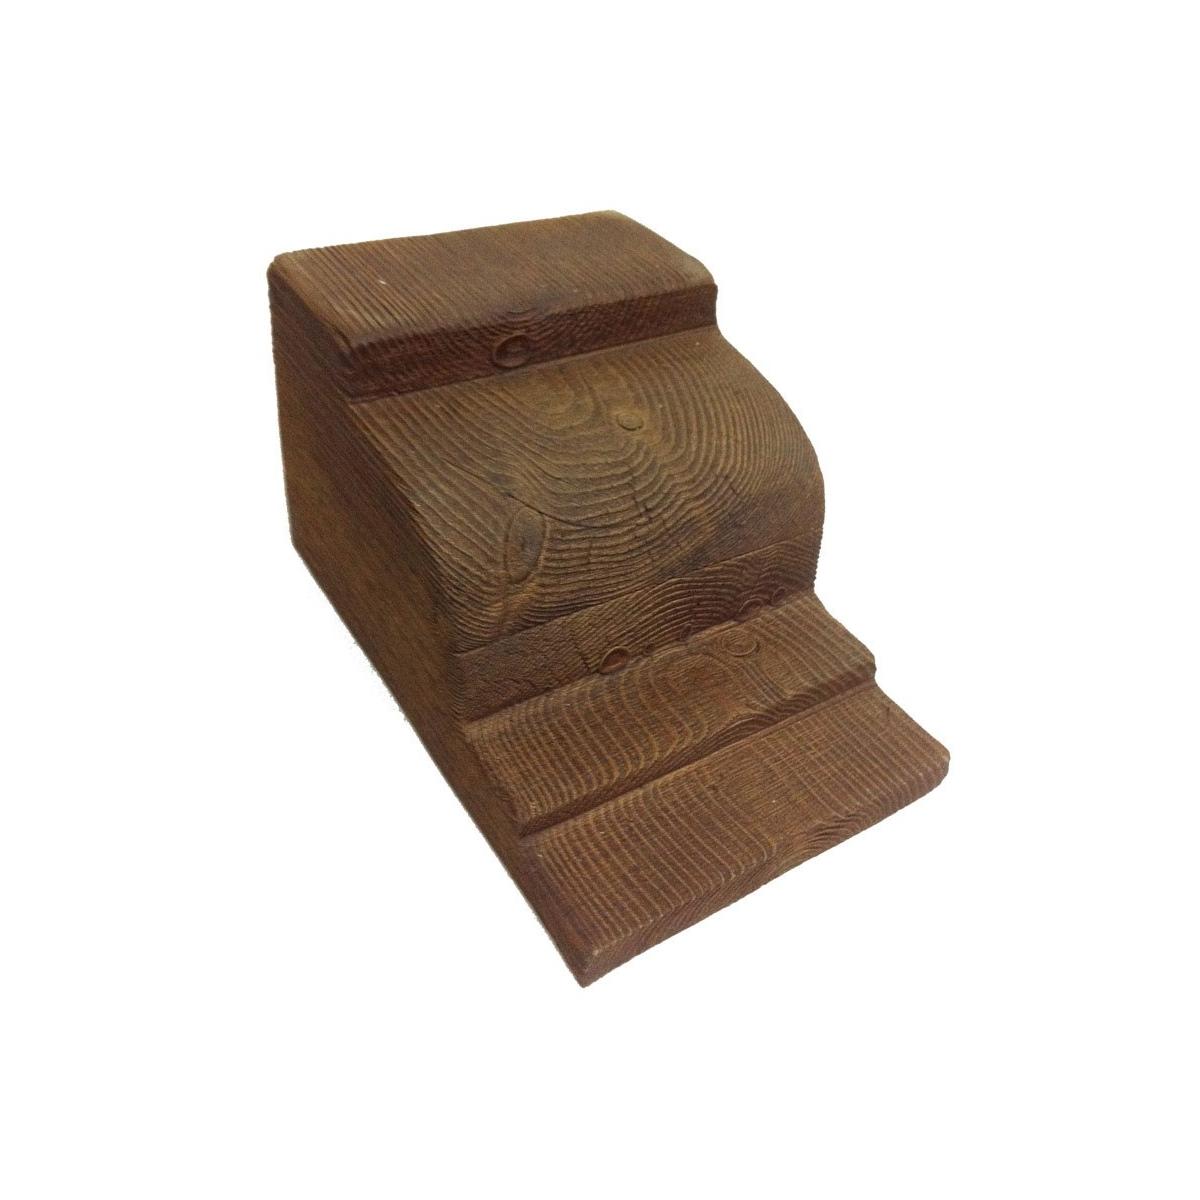 Ménsula MN21 - Ménsulas imitación madera de poliuretano - Marca Grupo Unamacor